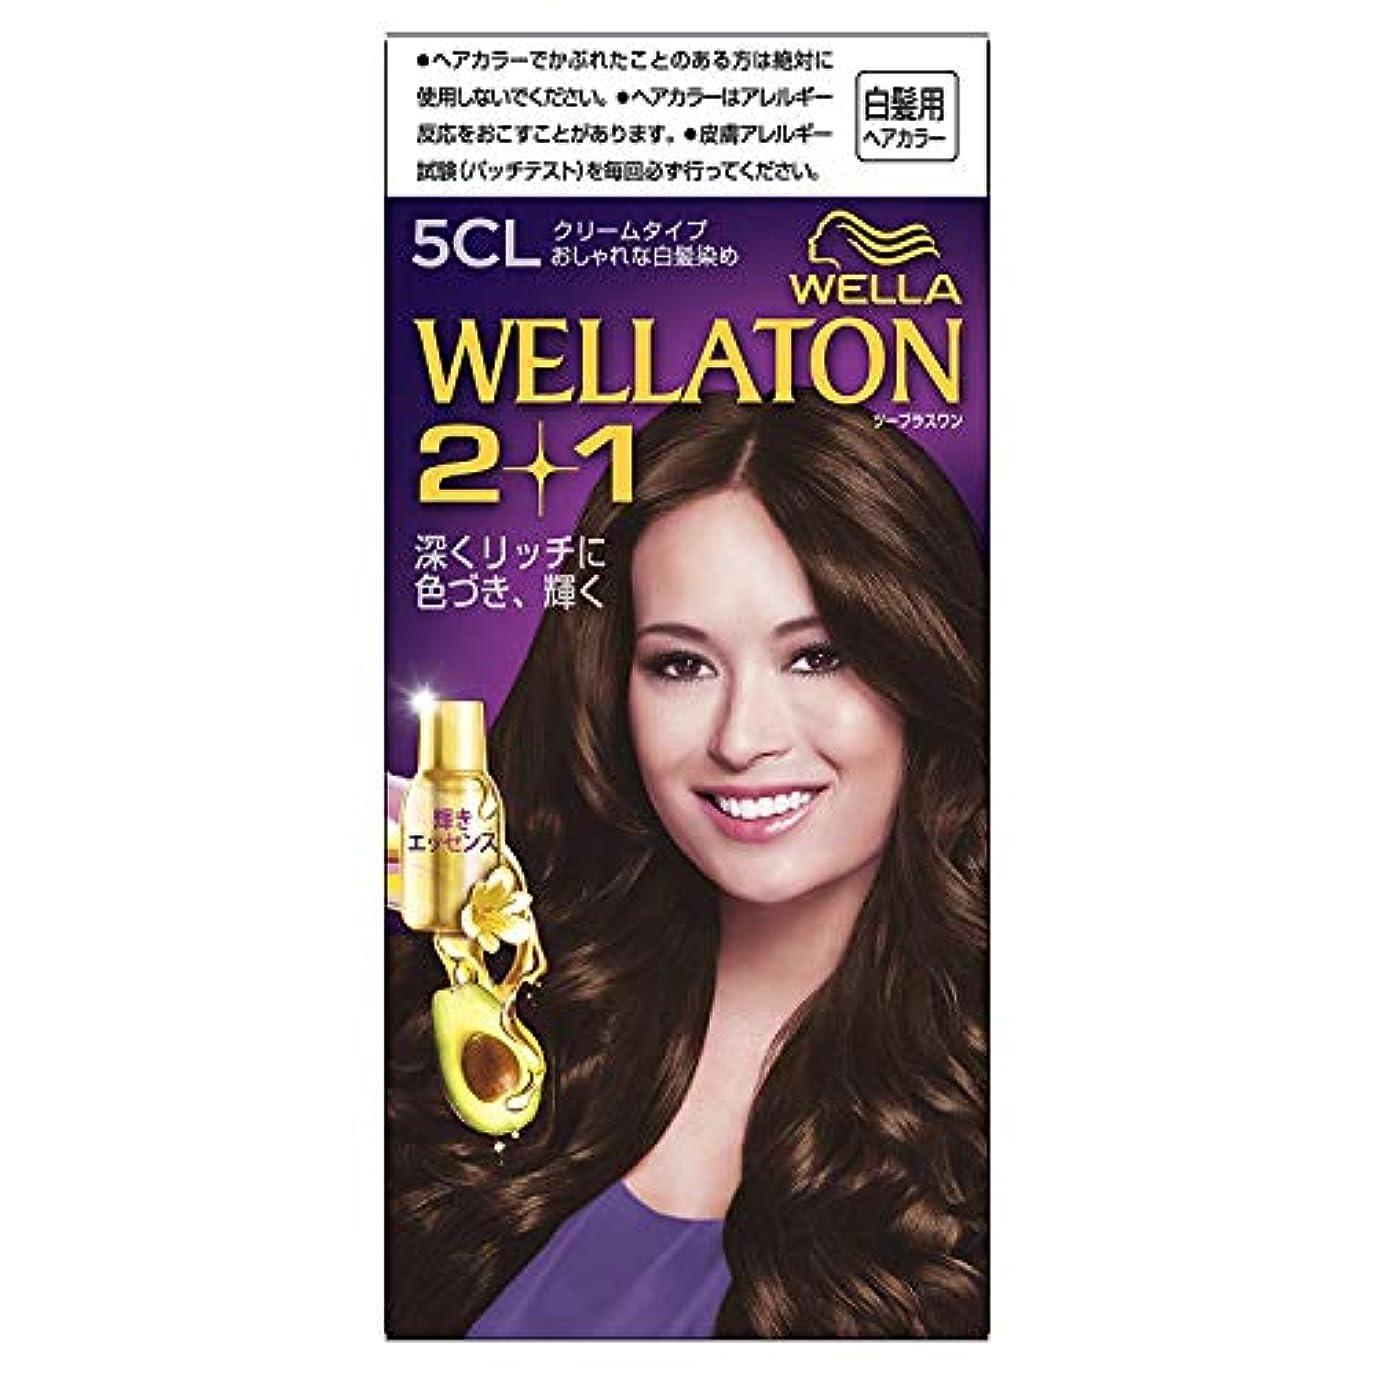 測る無傷内部ウエラトーン2+1 クリームタイプ 5CL [医薬部外品]×3個